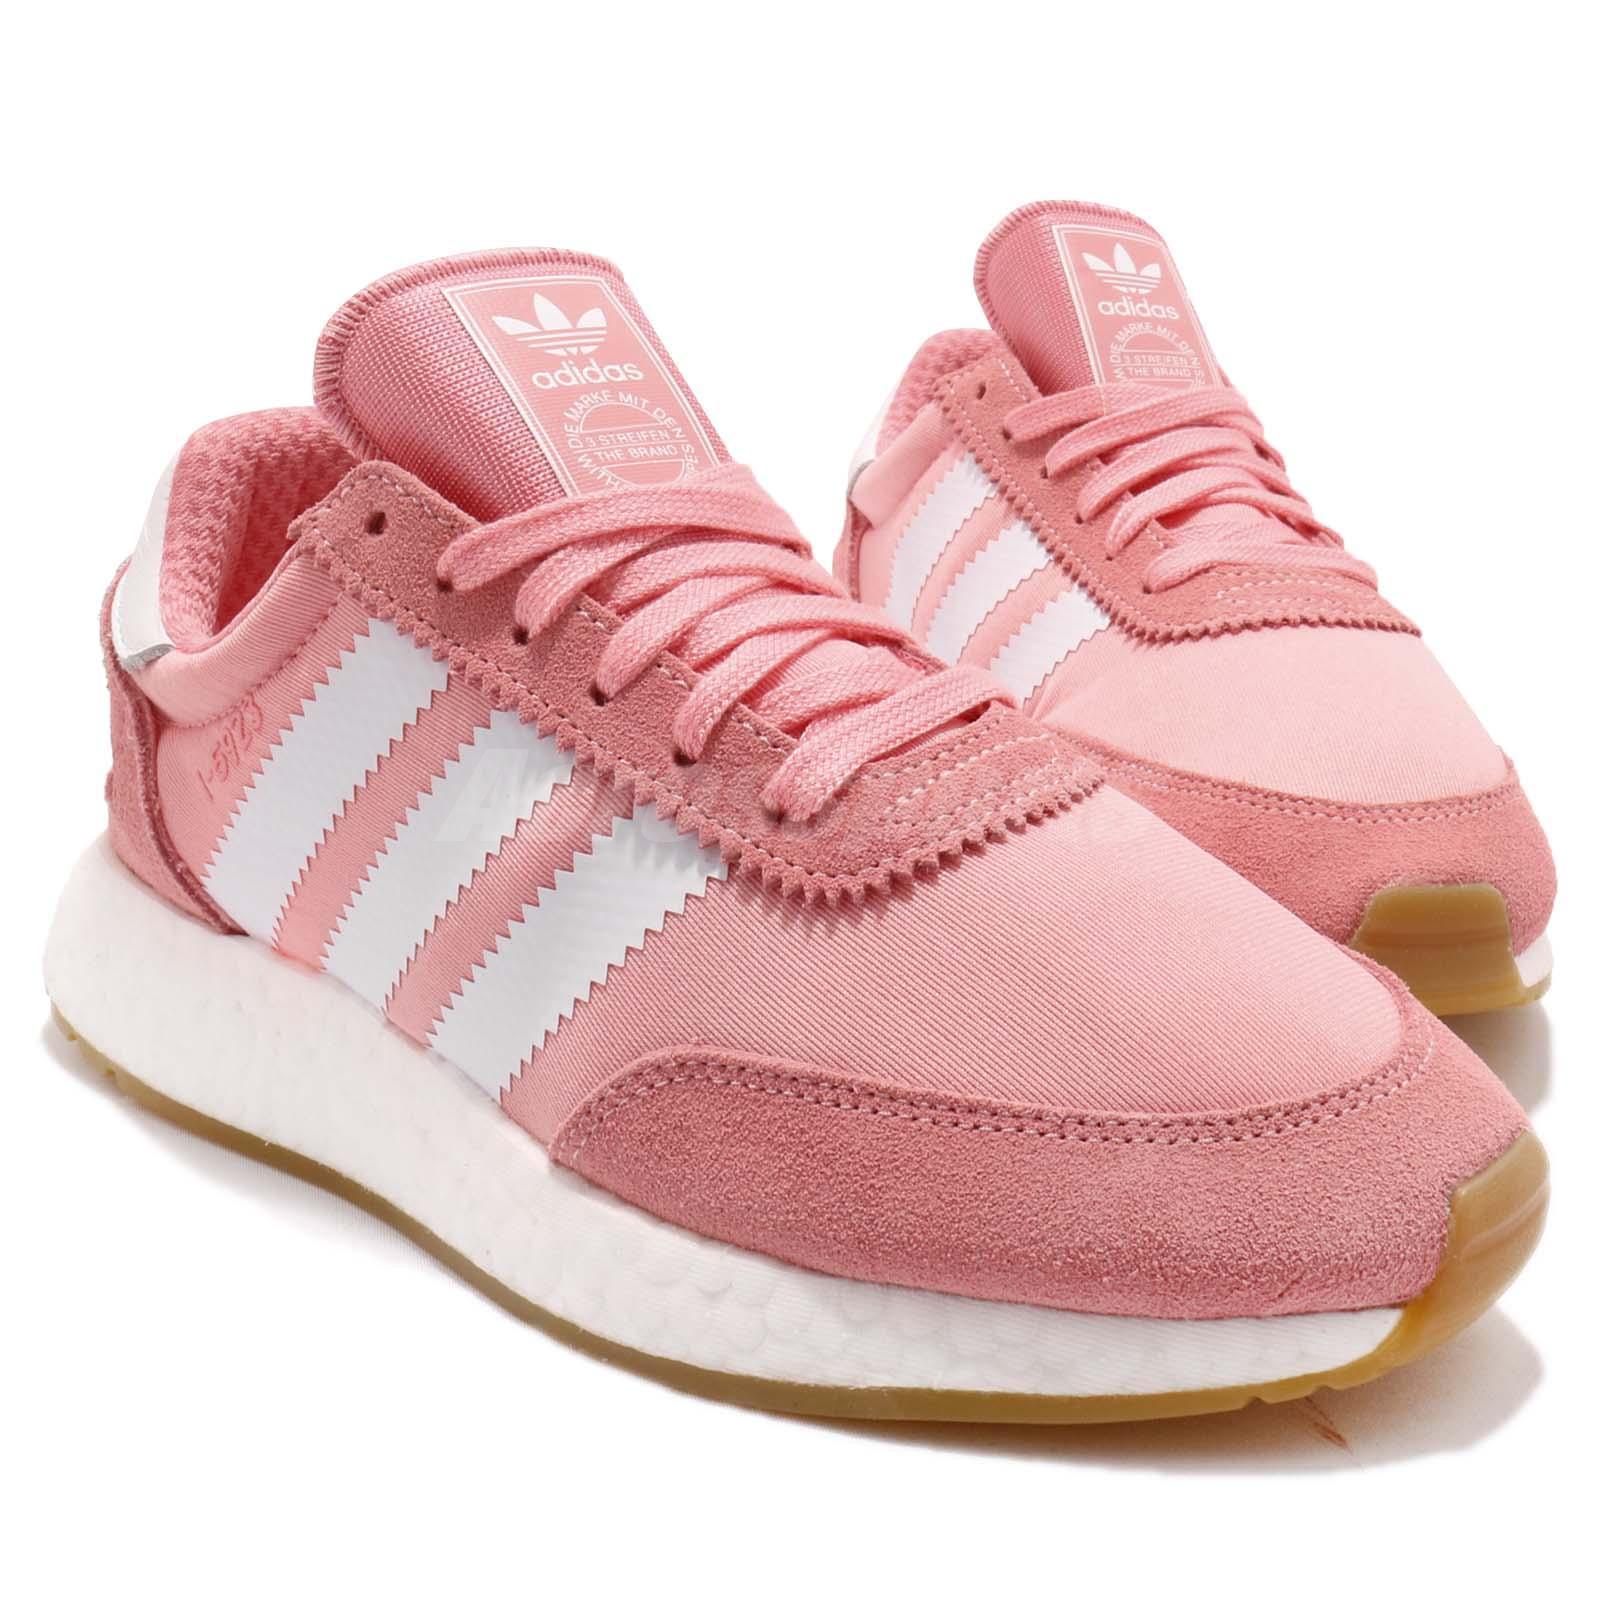 finest selection 04d6b 1f3d1 adidas Originals I-5923 W Iniki Runner Pink White Gum Women Running ...